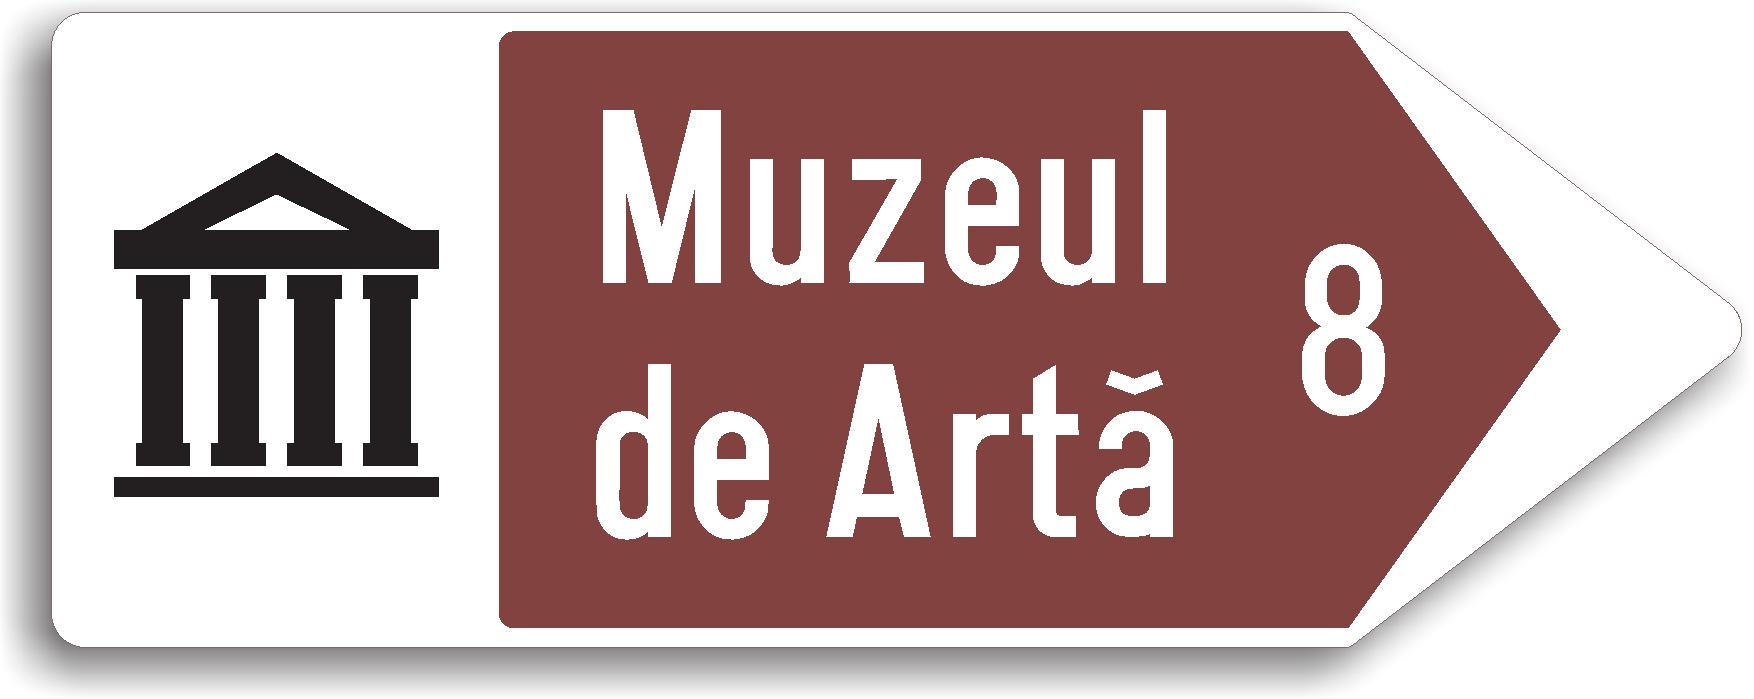 Acest indicator are rolul de a-i informa pe turisti in ce directie se afla obiectivele turistice.